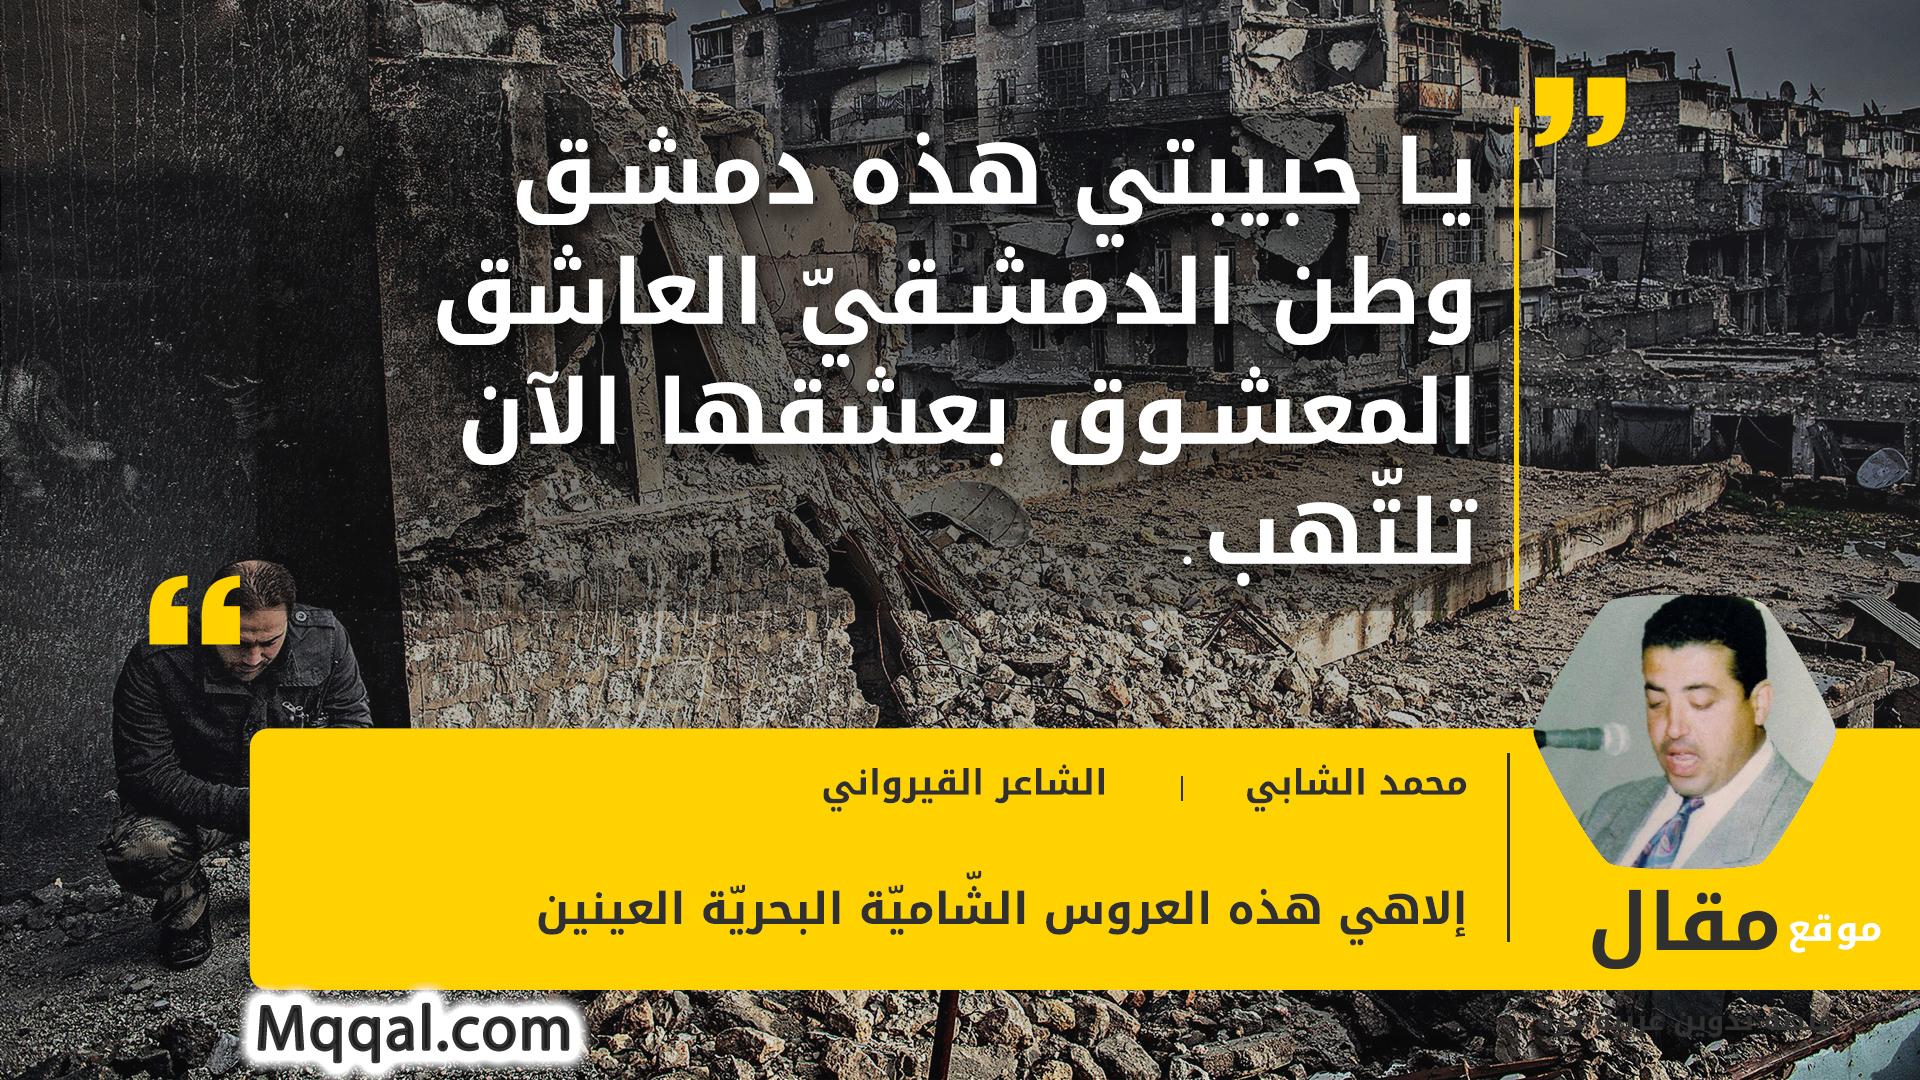 يا حبيبتي هذه دمشق وطن الدمشقيّ العاشق المعشوق بعشقها الآن تلتّهب.